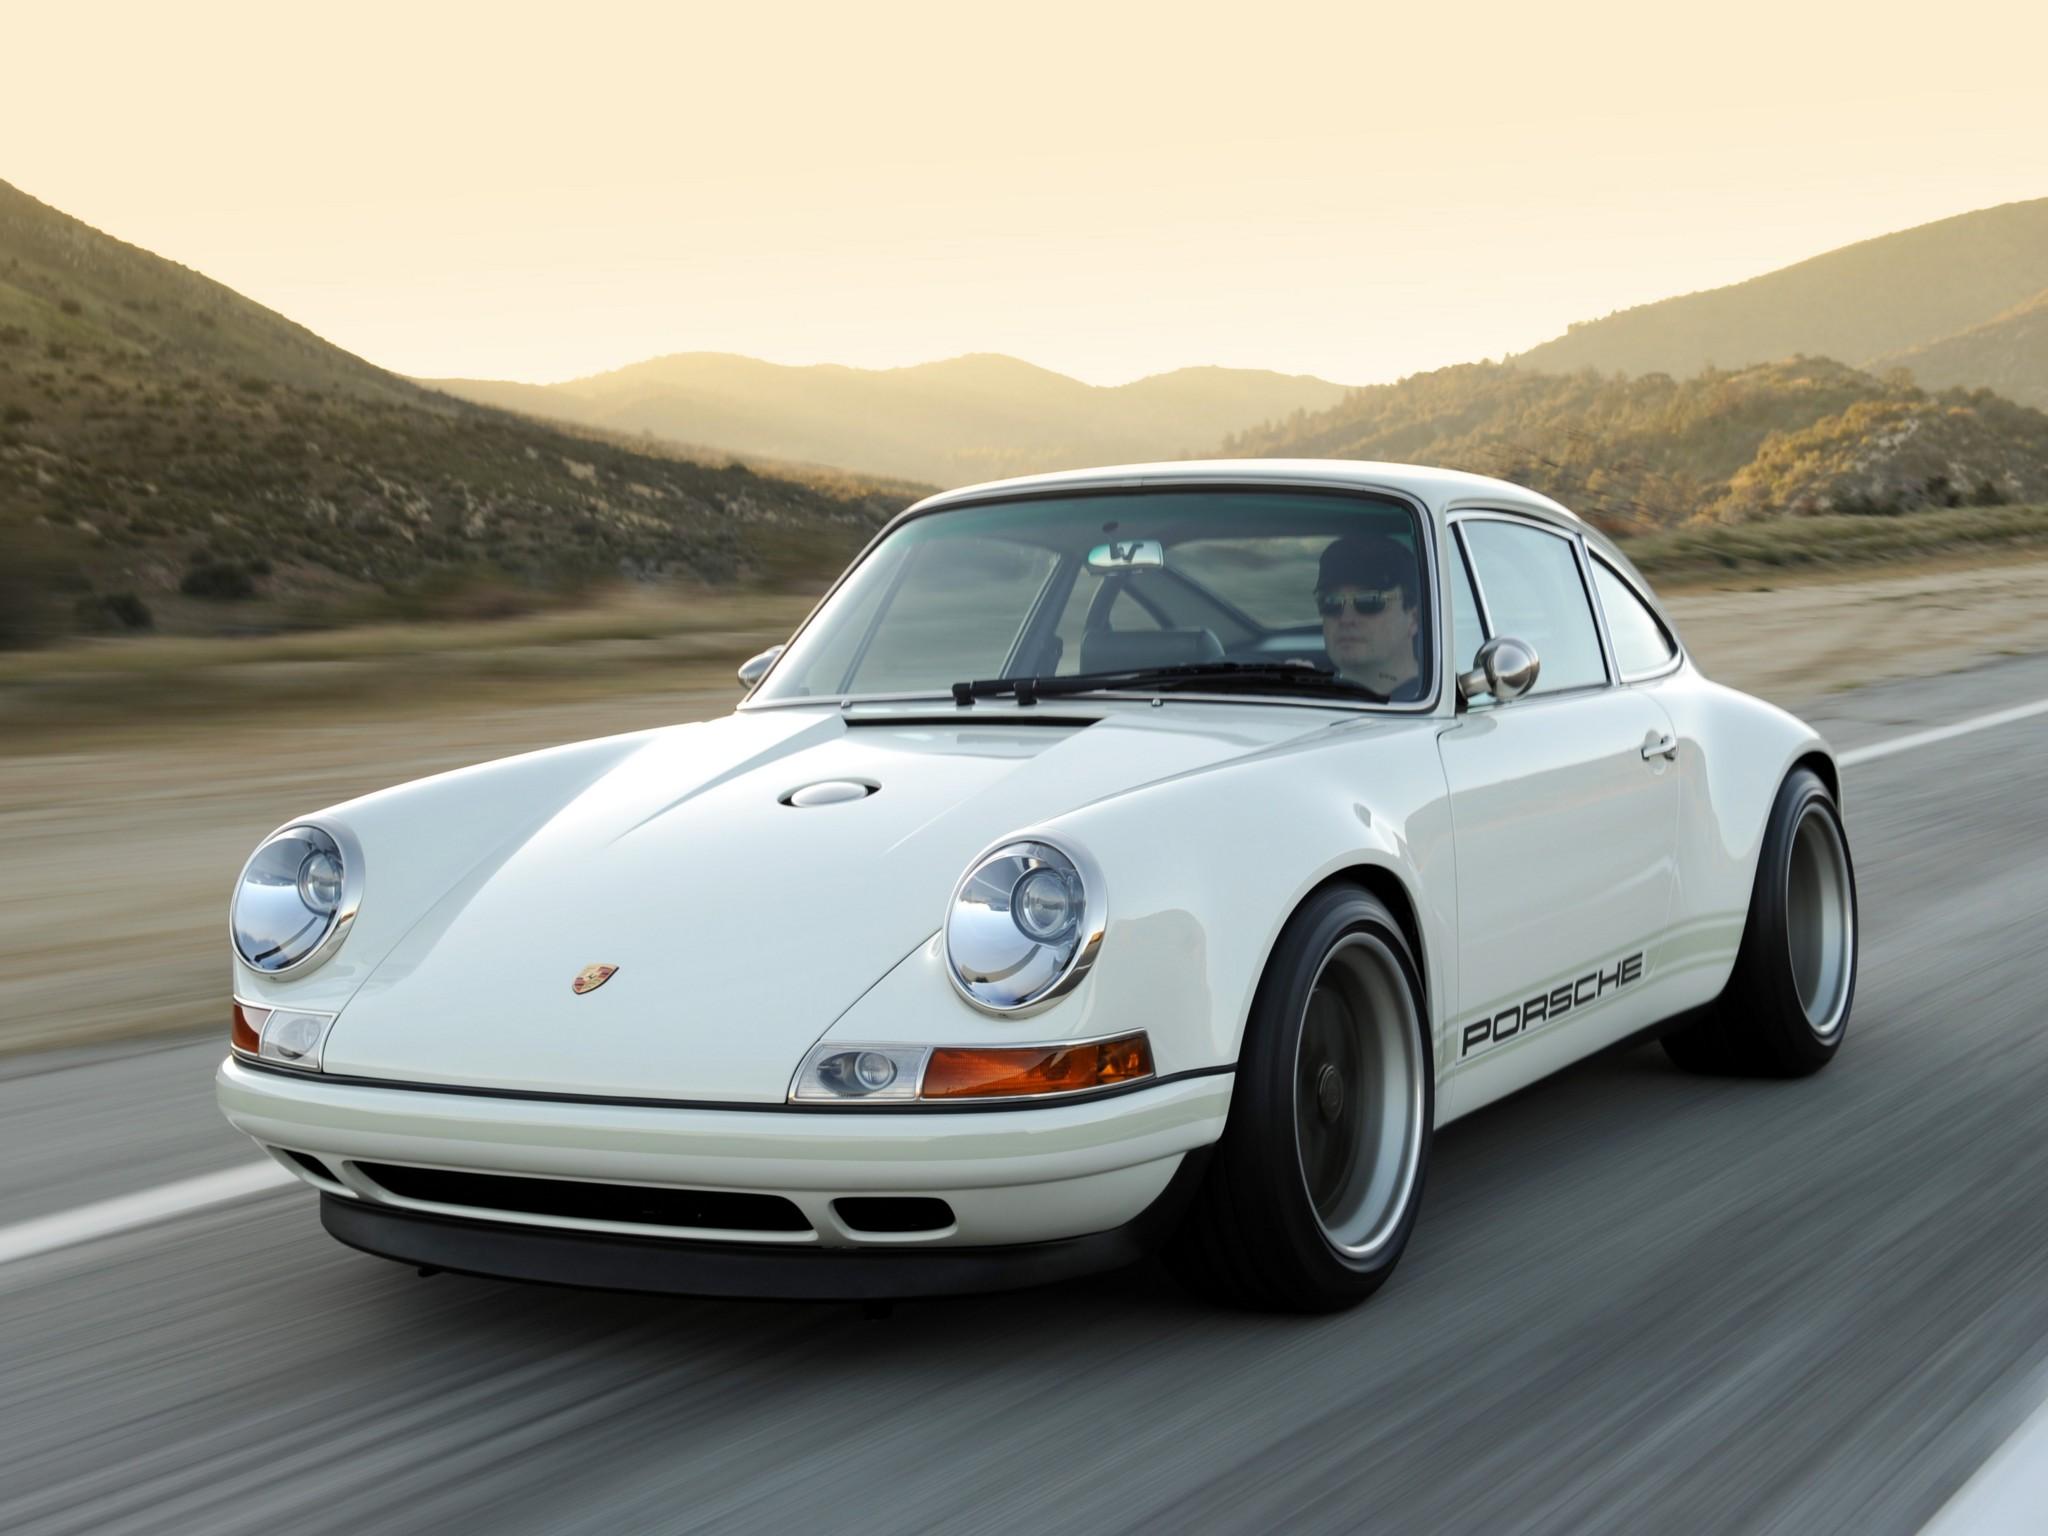 Singer Design Porsche 911 Cosworth Singer Design Porsche 911 ...